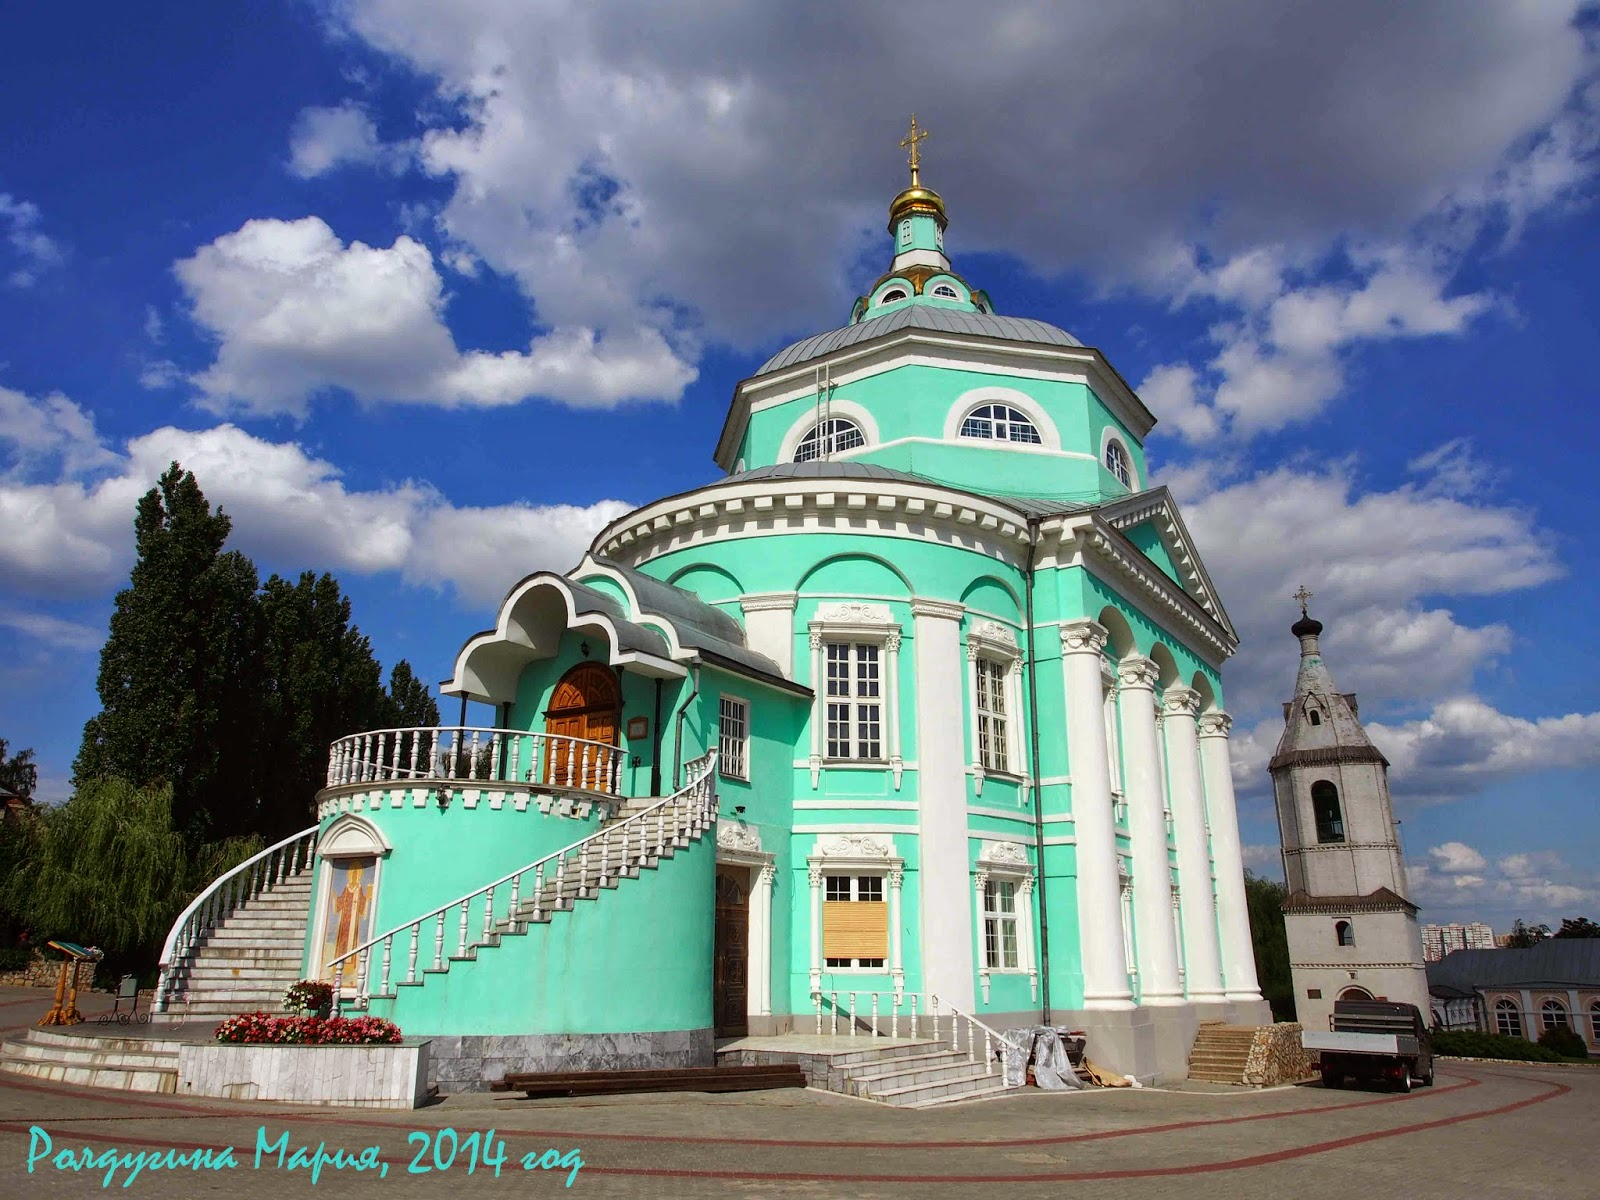 воронеж церковь монастырь